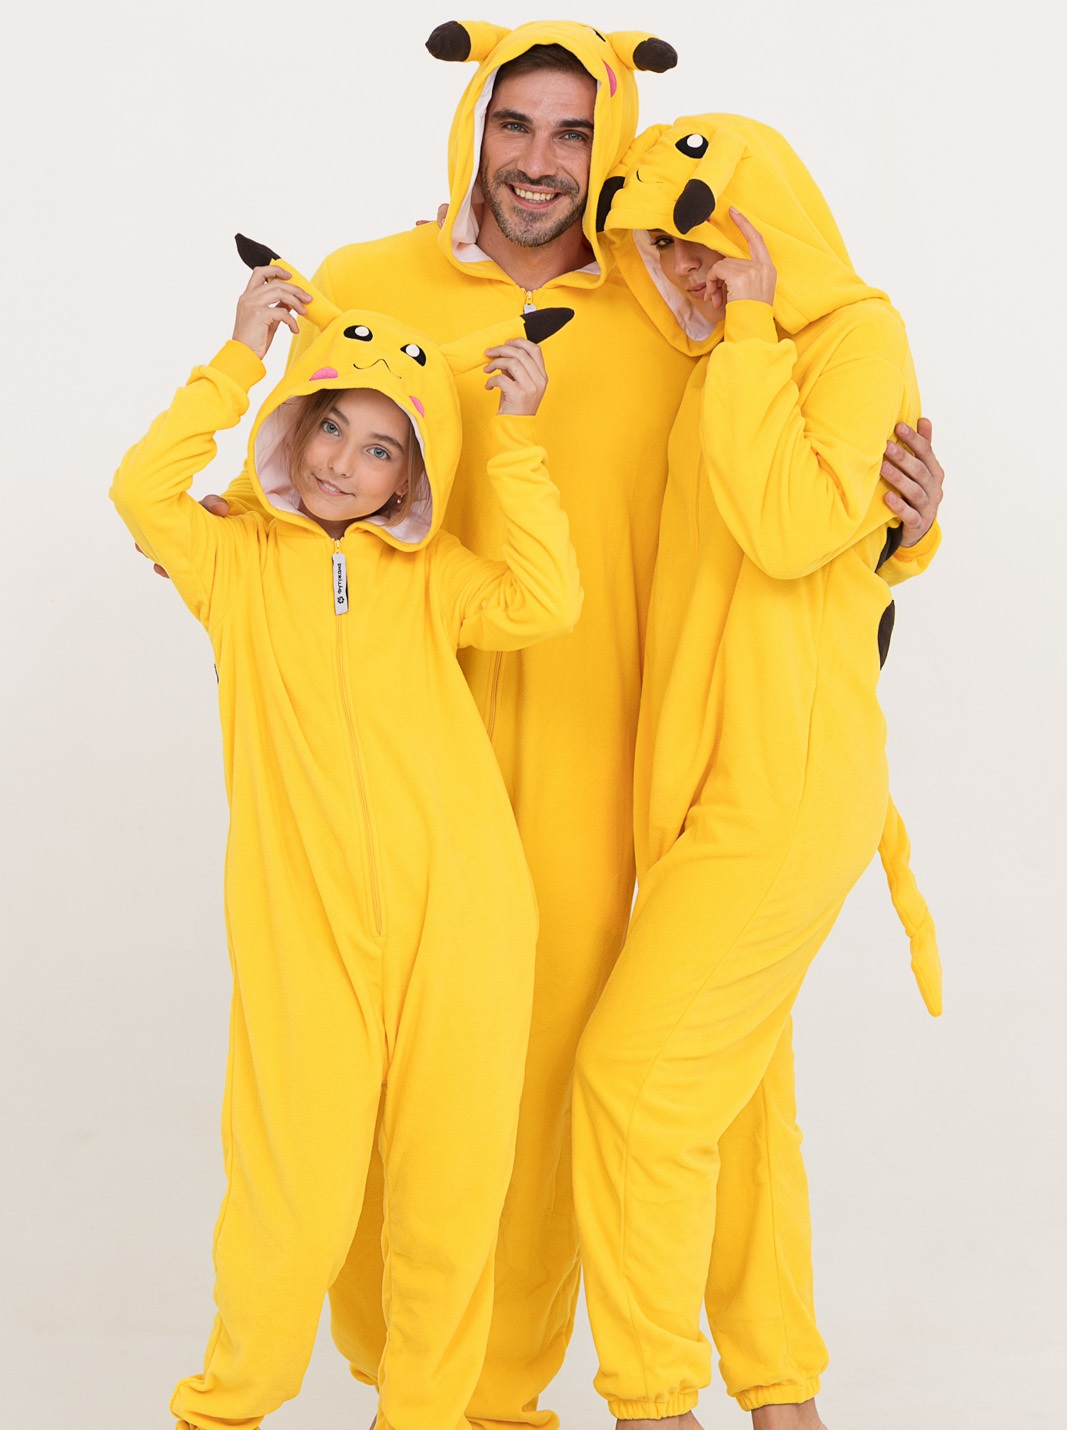 259615f84f2c Пижама Пикачу, пижама-кигуруми - купить недорого цвета желтый с ...